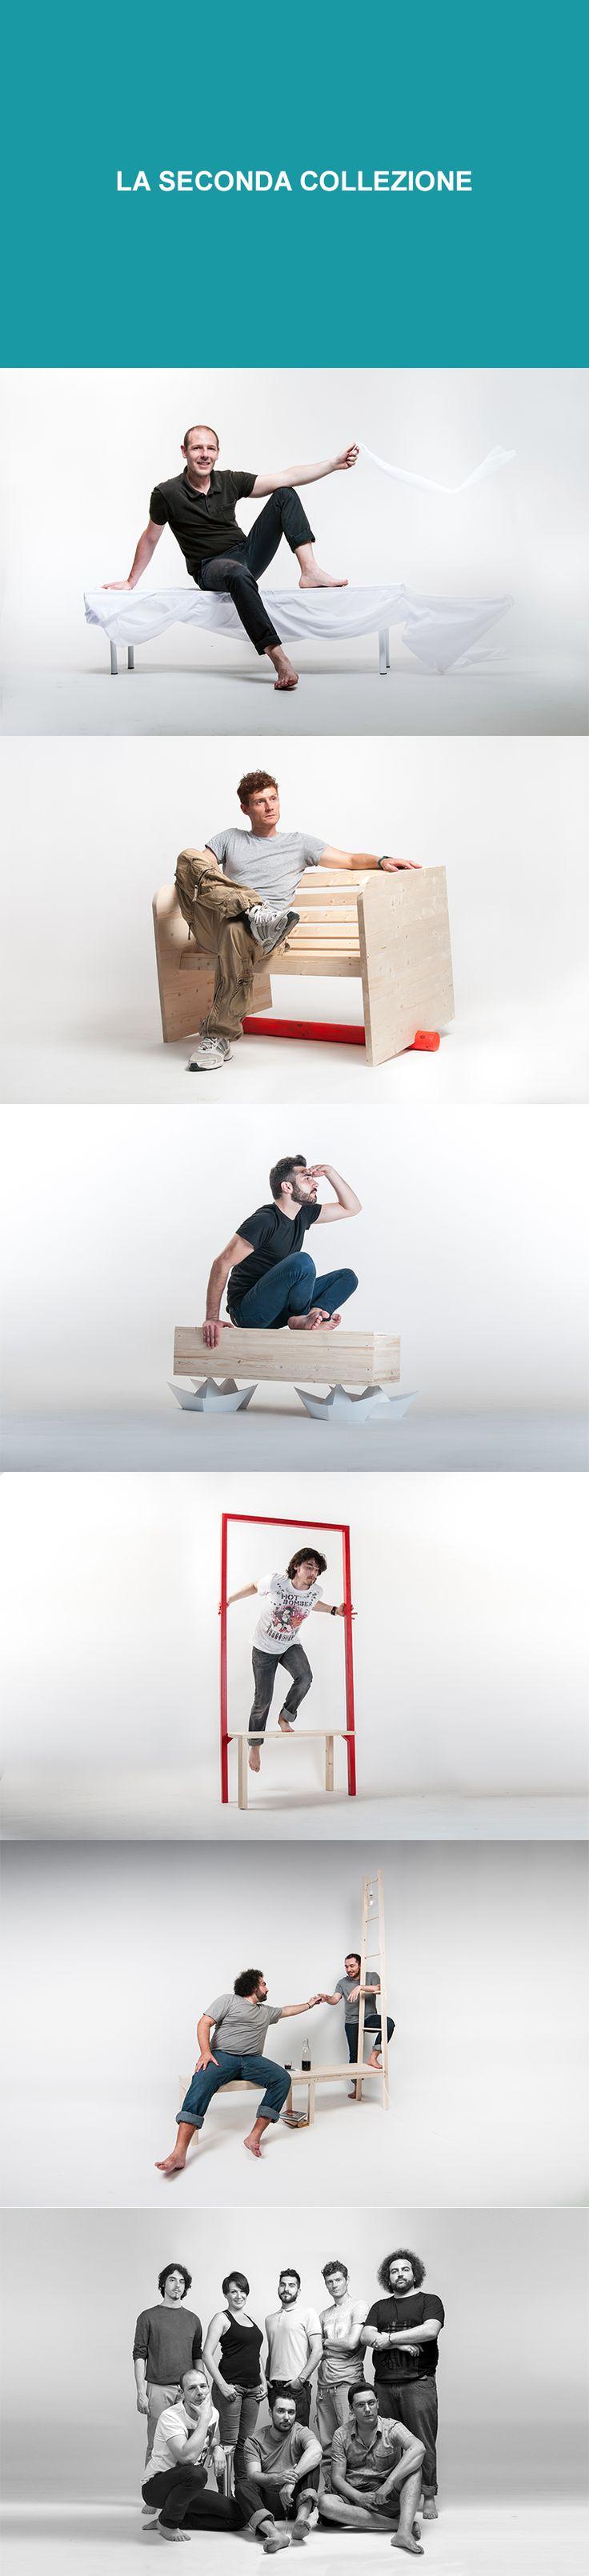 Seconda collezione IFU con relativa direzione artistica. #art #direction #product #design